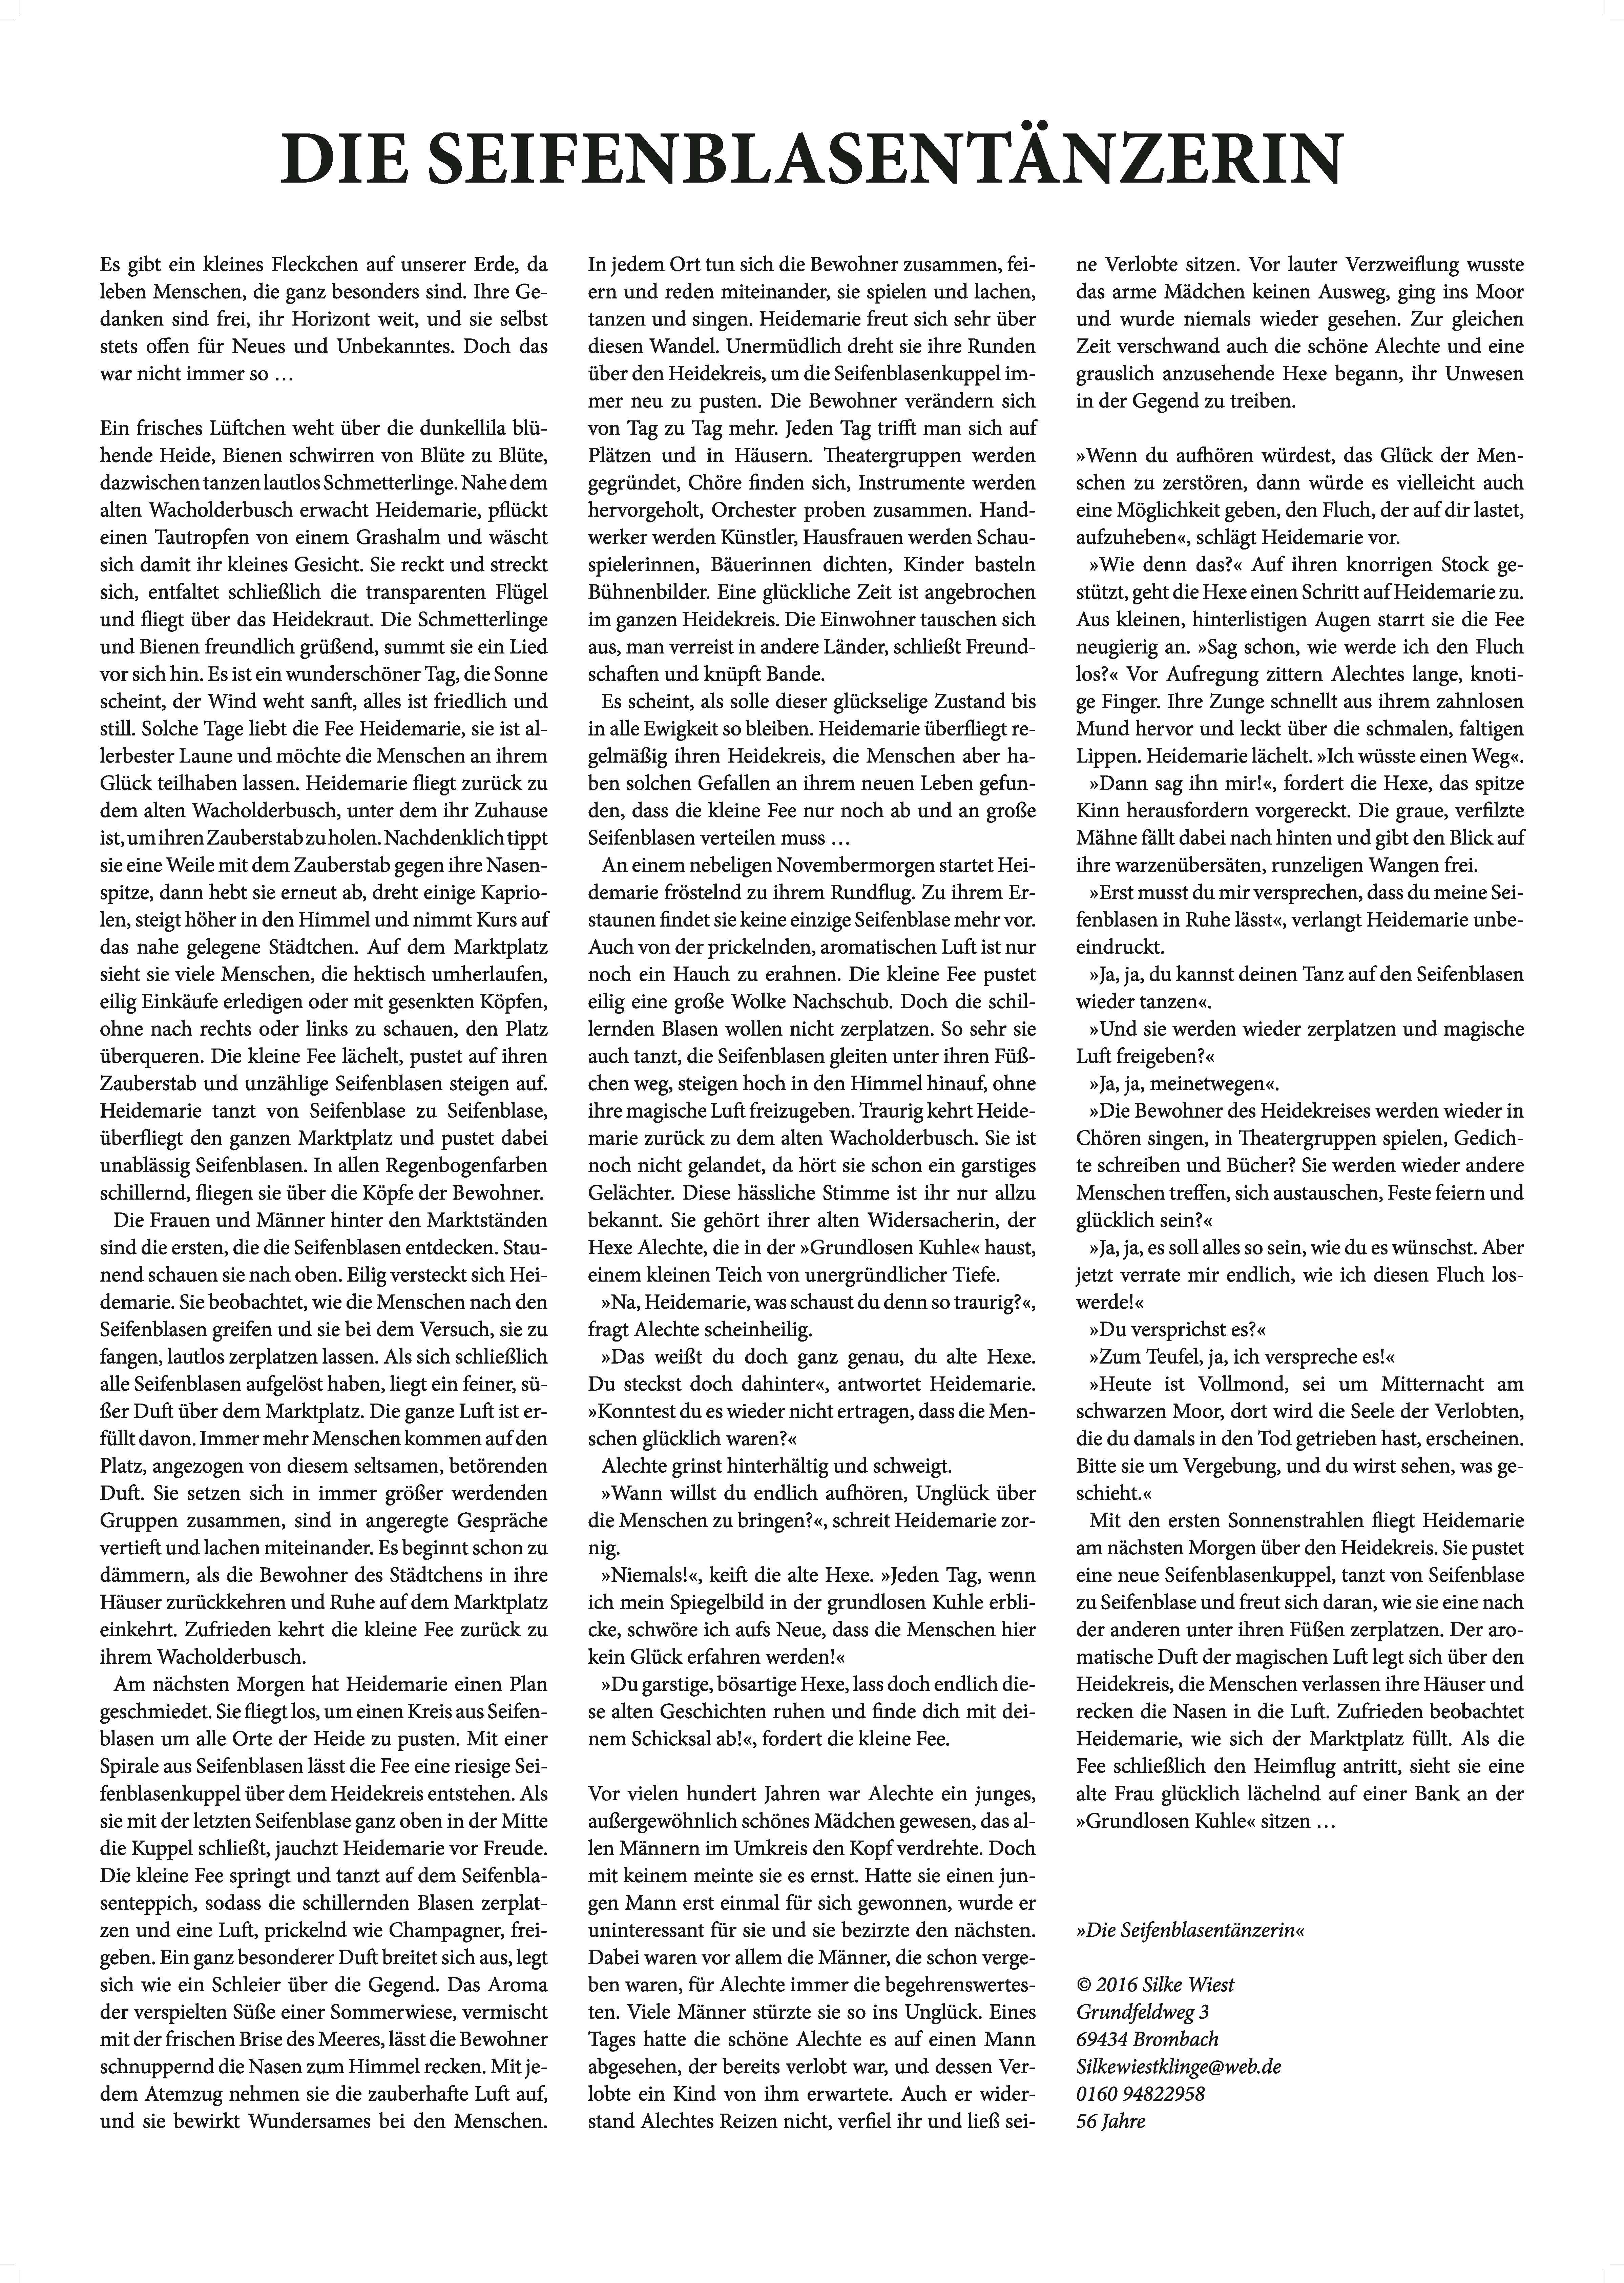 Die Seifenblasentänzerin von Silke Wiest und Ann-Kathrin Busse